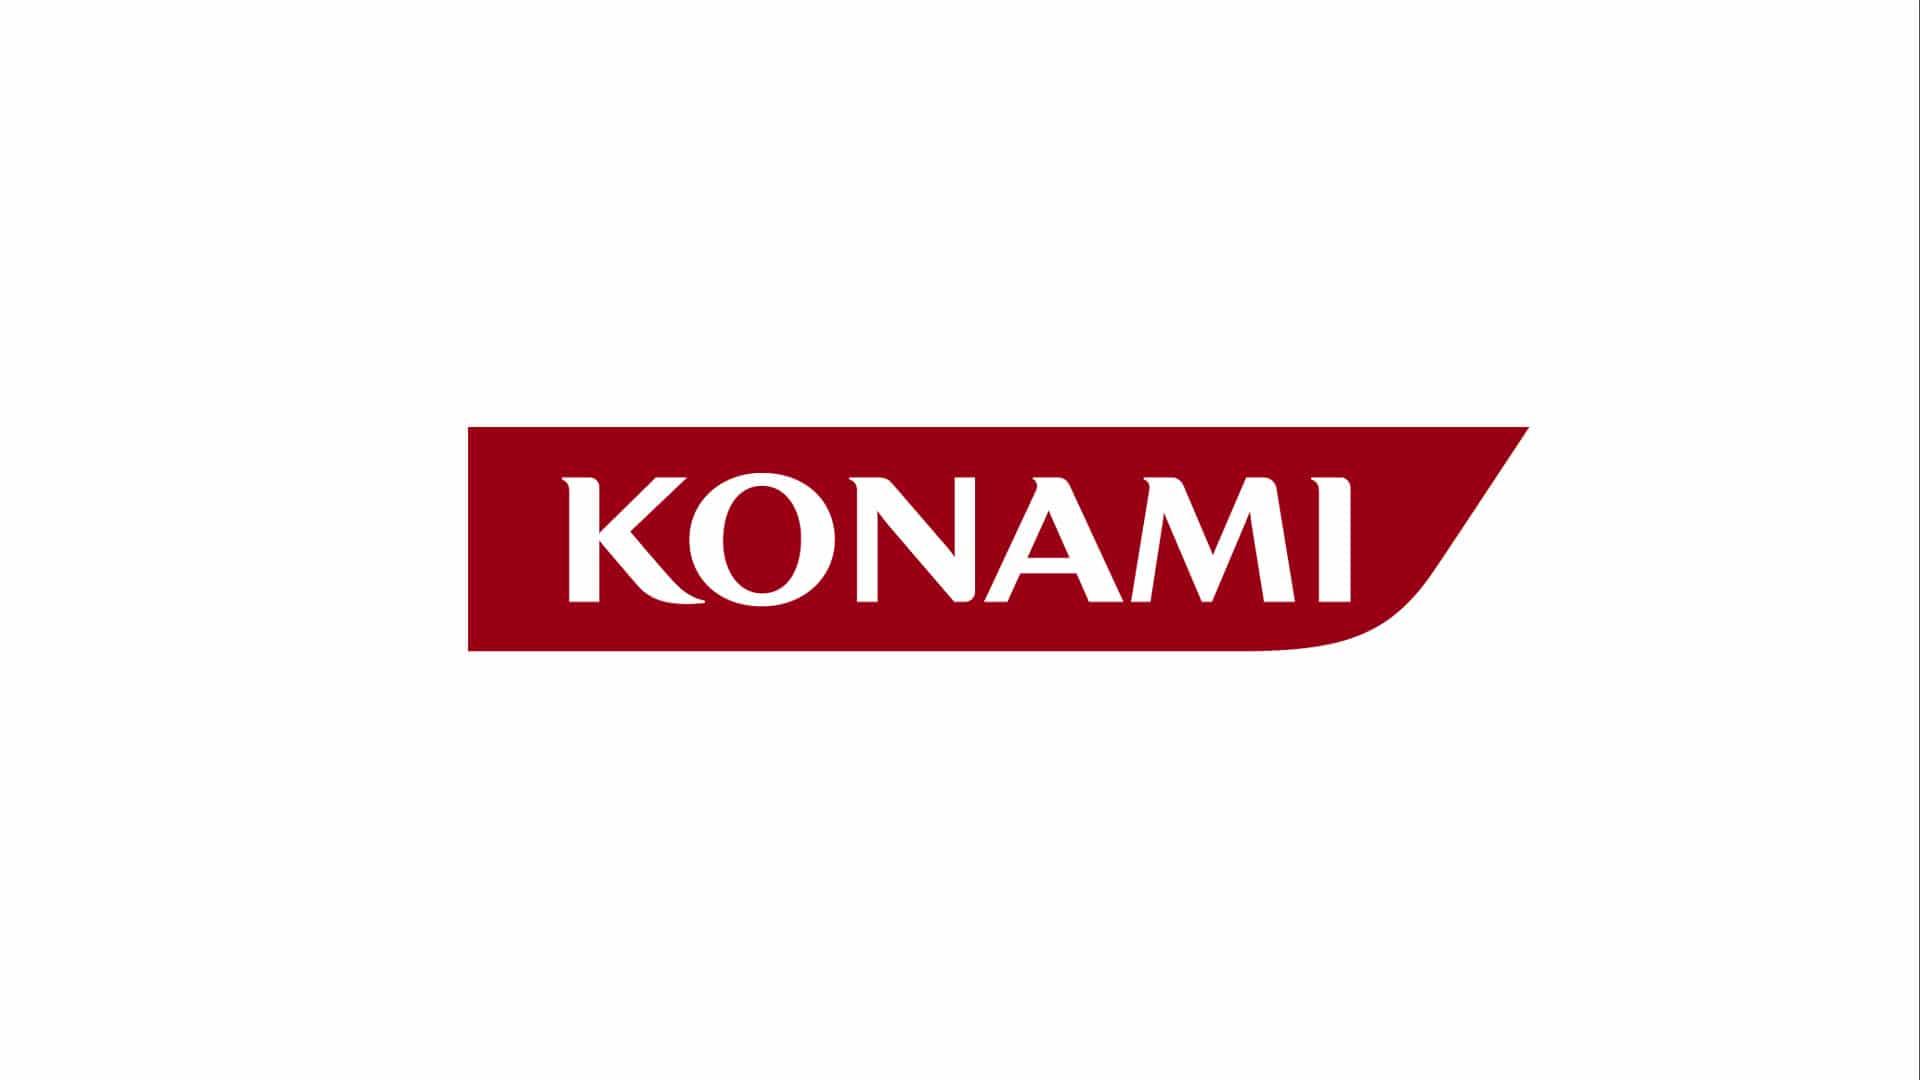 Konami apporte son aide pour développer une prothèse de bras